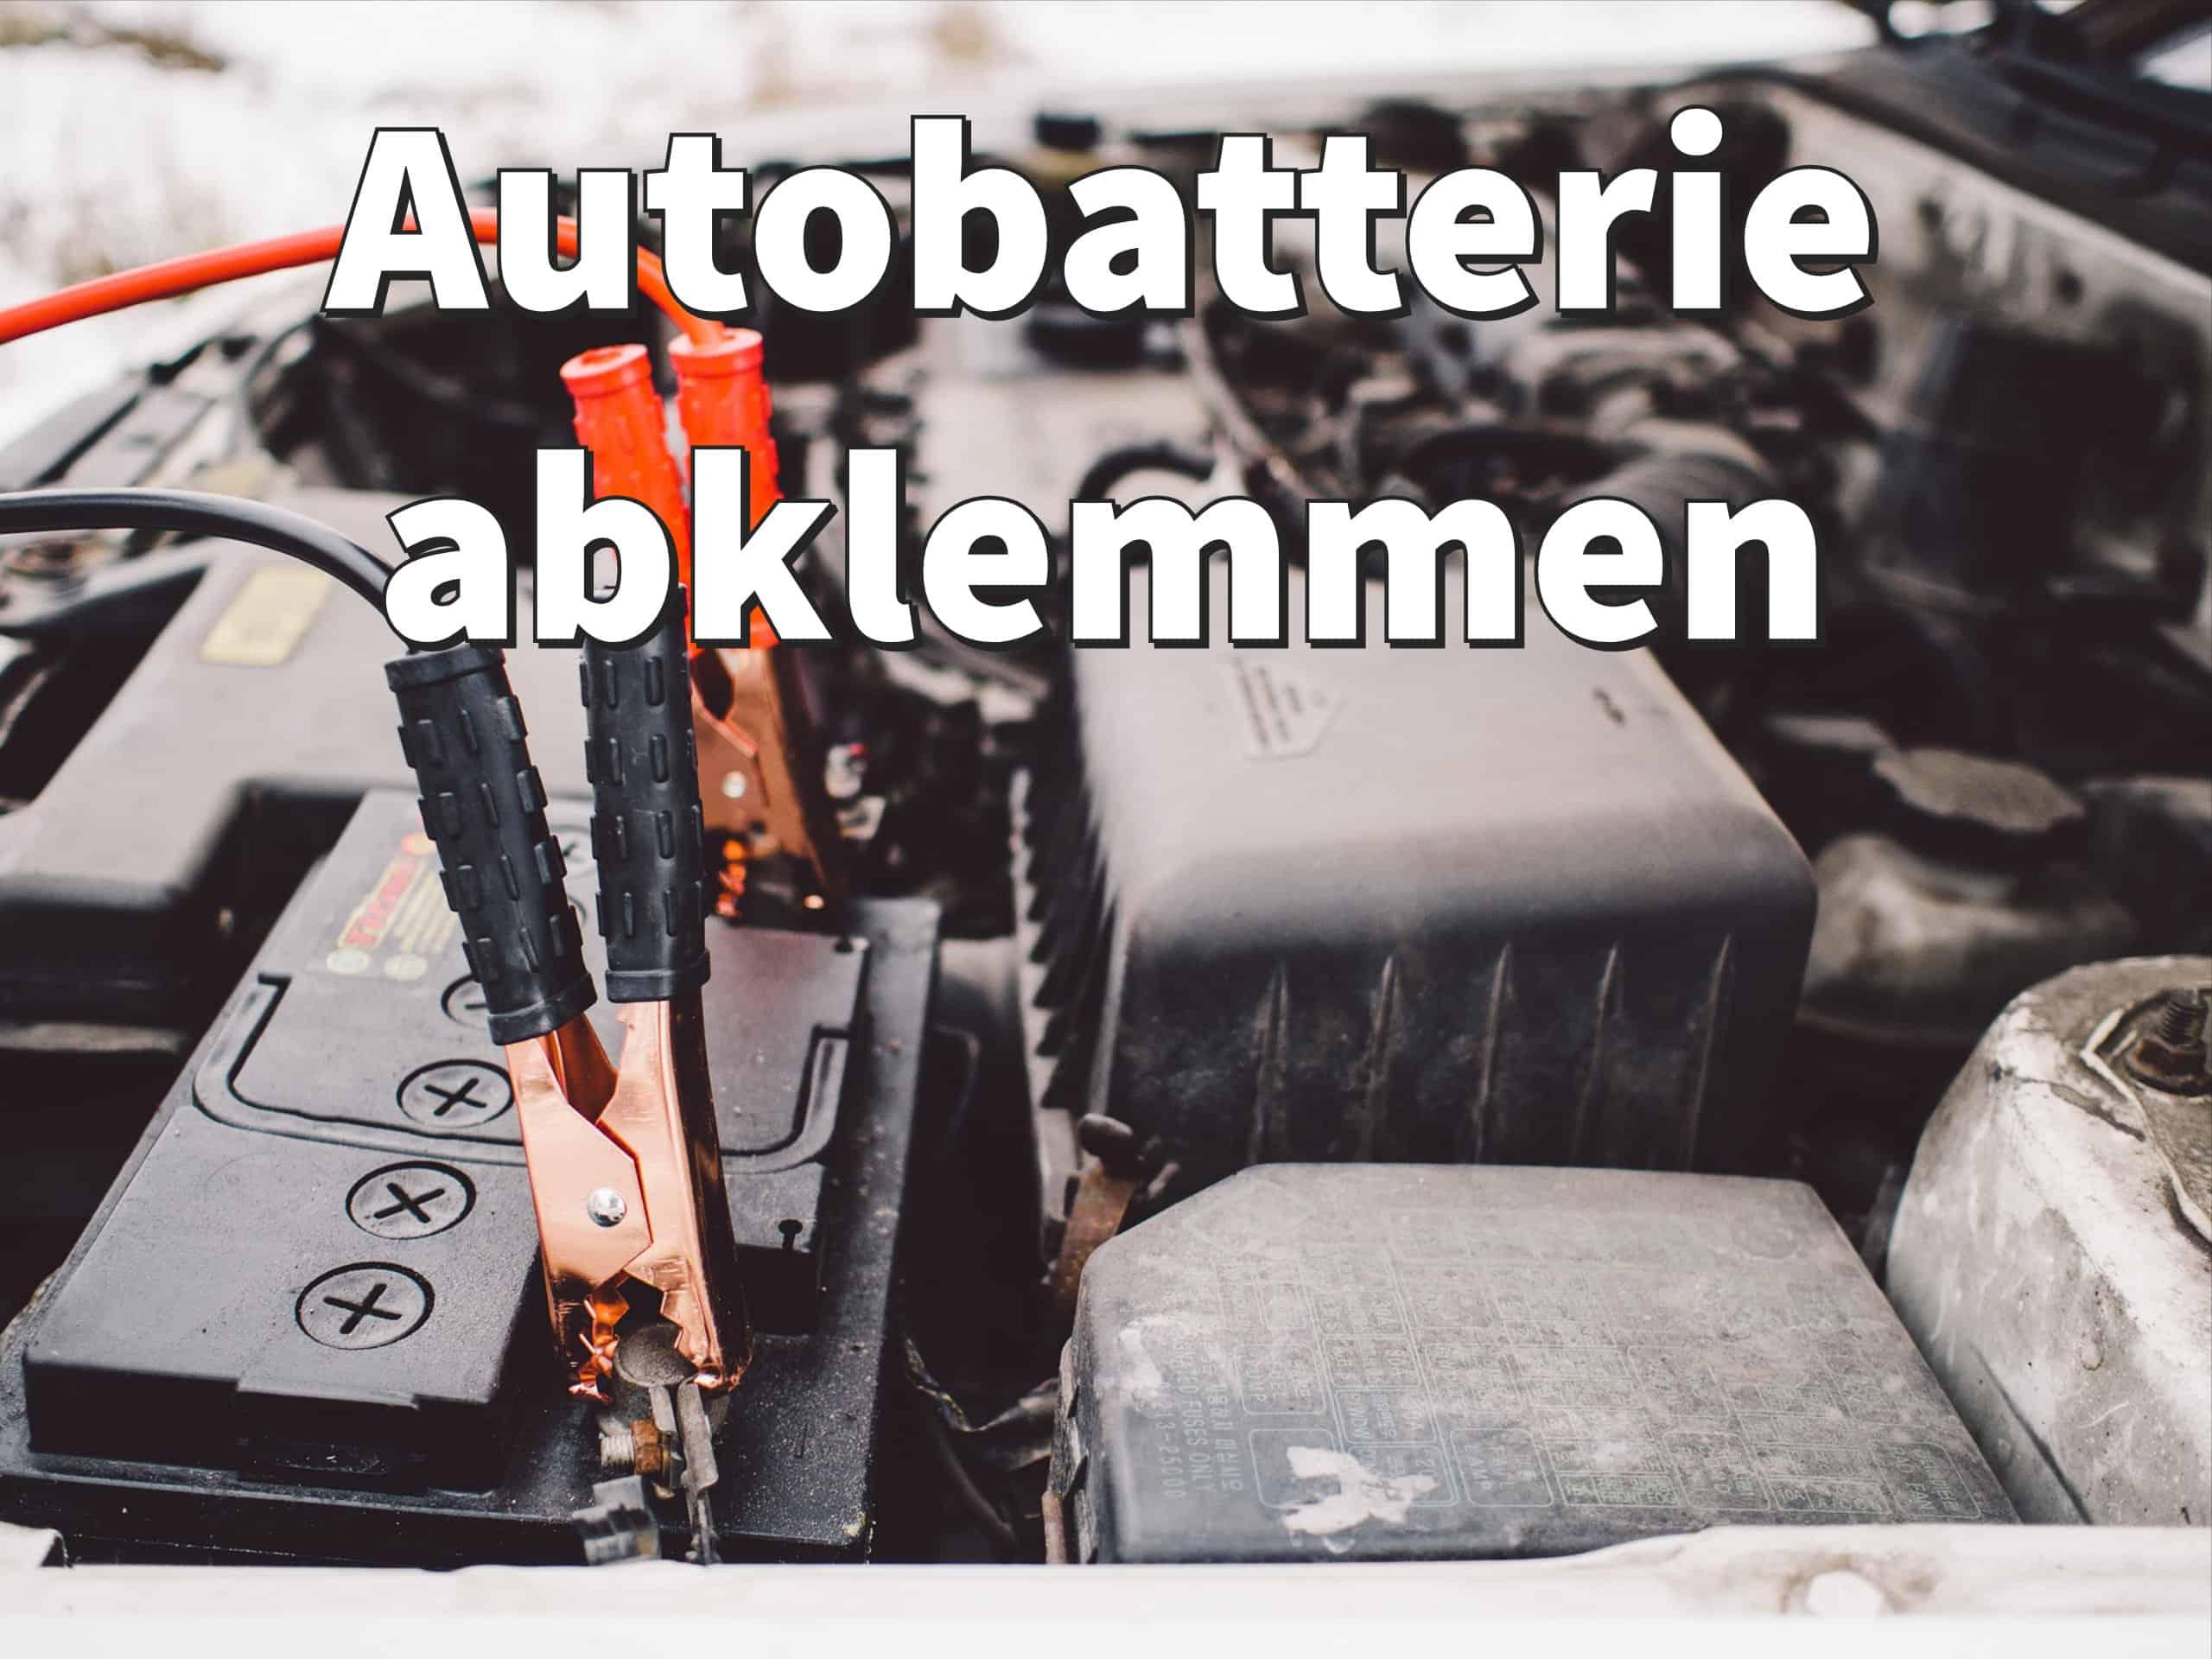 Autobatterie abklemmen: Welcher Pol wird zuerst abgeklemmt?